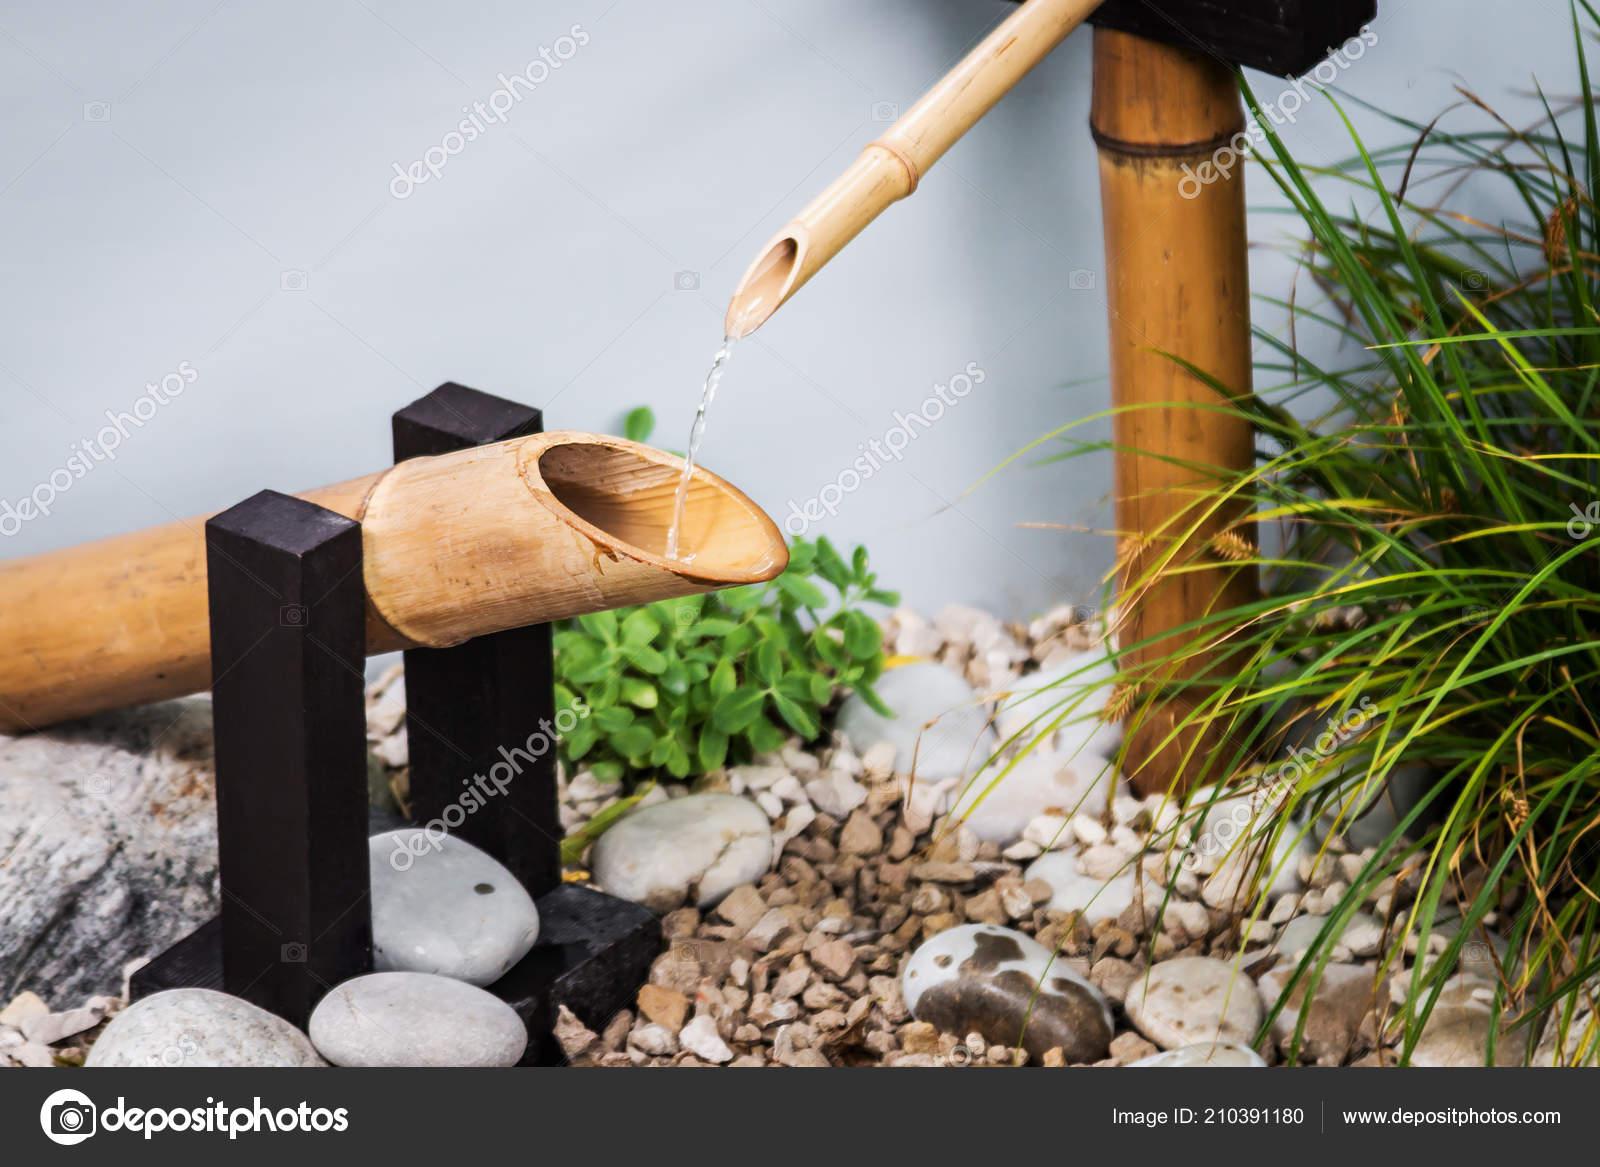 Dekorace S Tekoucí Vodou V Japonské Zahradě Stock